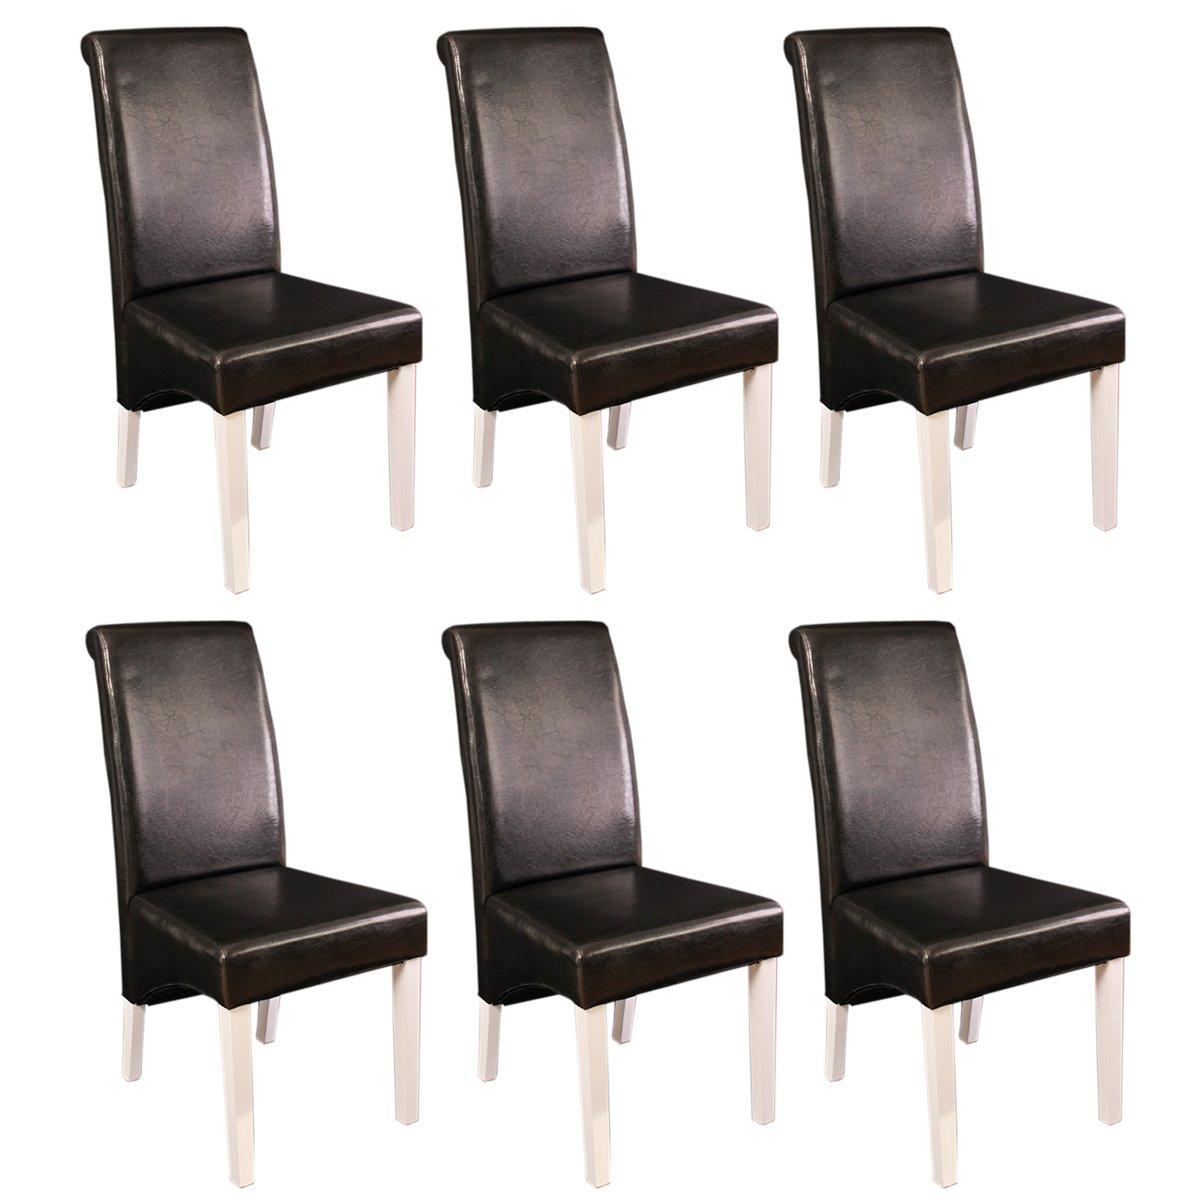 Lote de 6 sillas de comedor m37 en cuero negro y patas for Sillas de comedor de piel